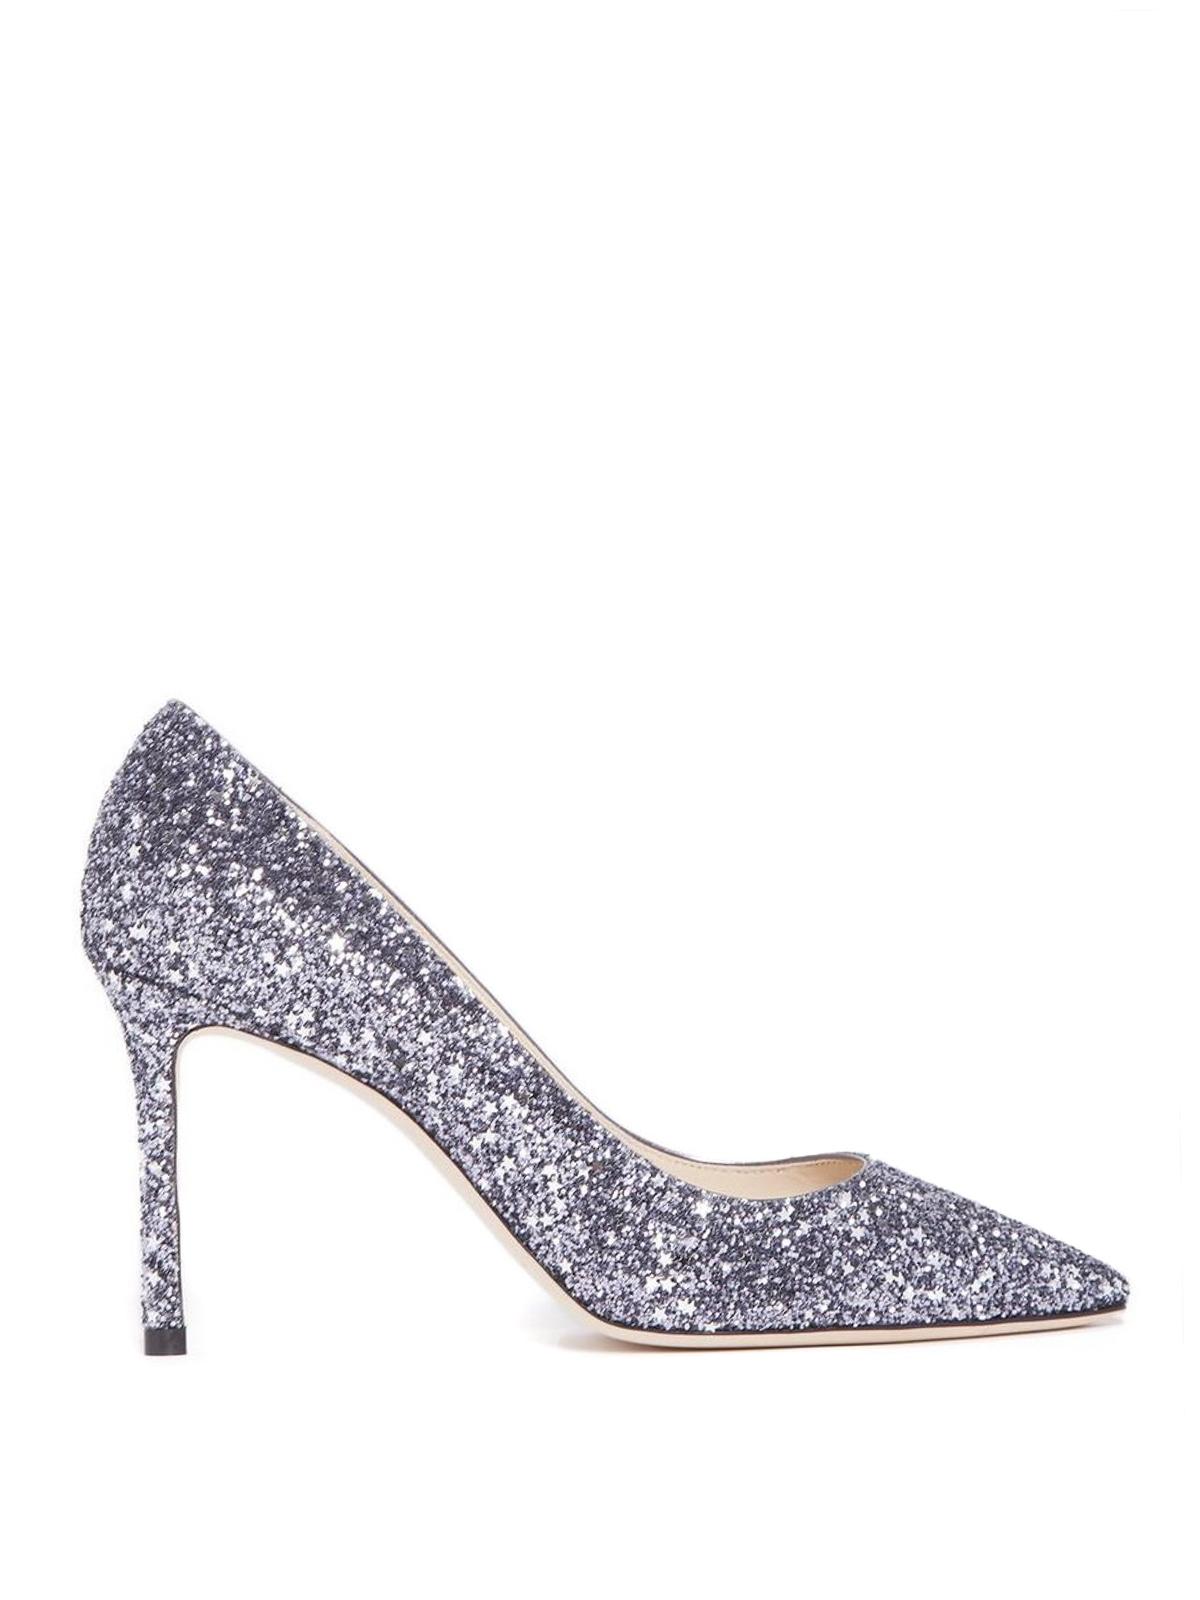 da382d46b0f4 Jimmy Choo - Romy 85 glitter and stars pumps - court shoes ...